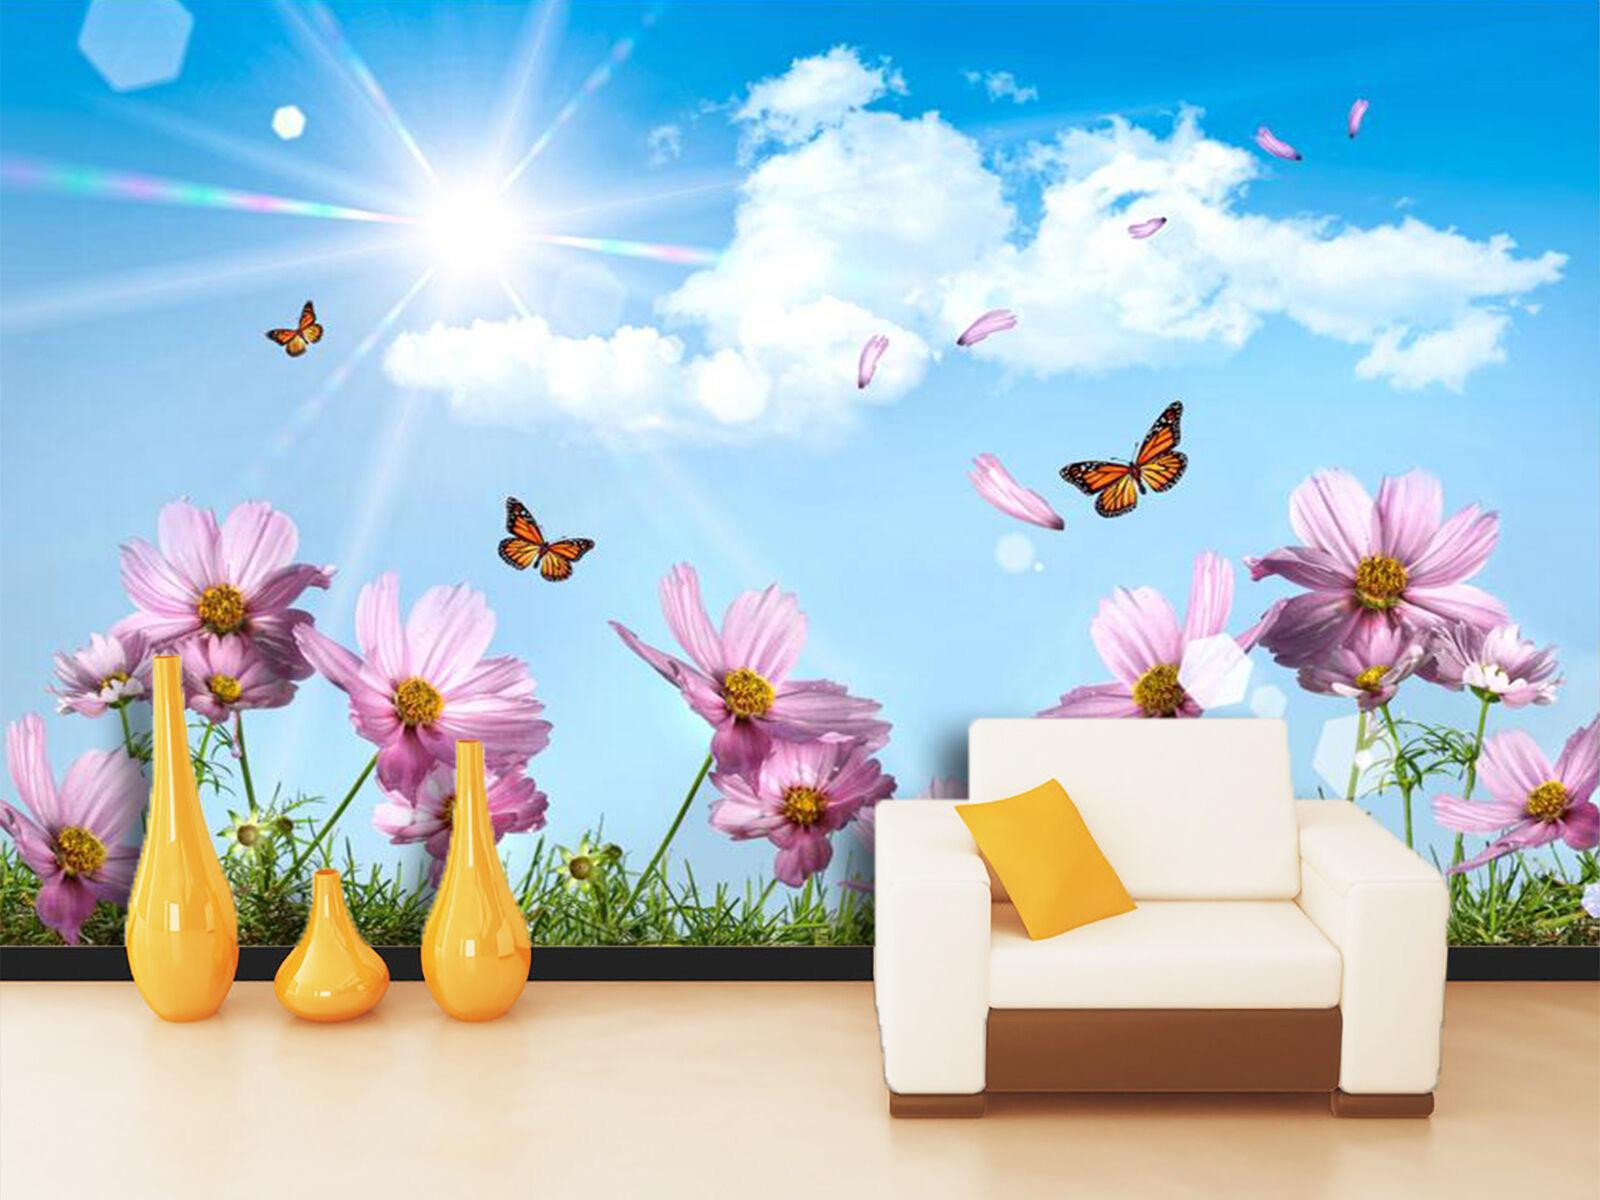 3D Butterflies Flowers 1249 Wallpaper Decal Dercor Home Kids Nursery Mural Home